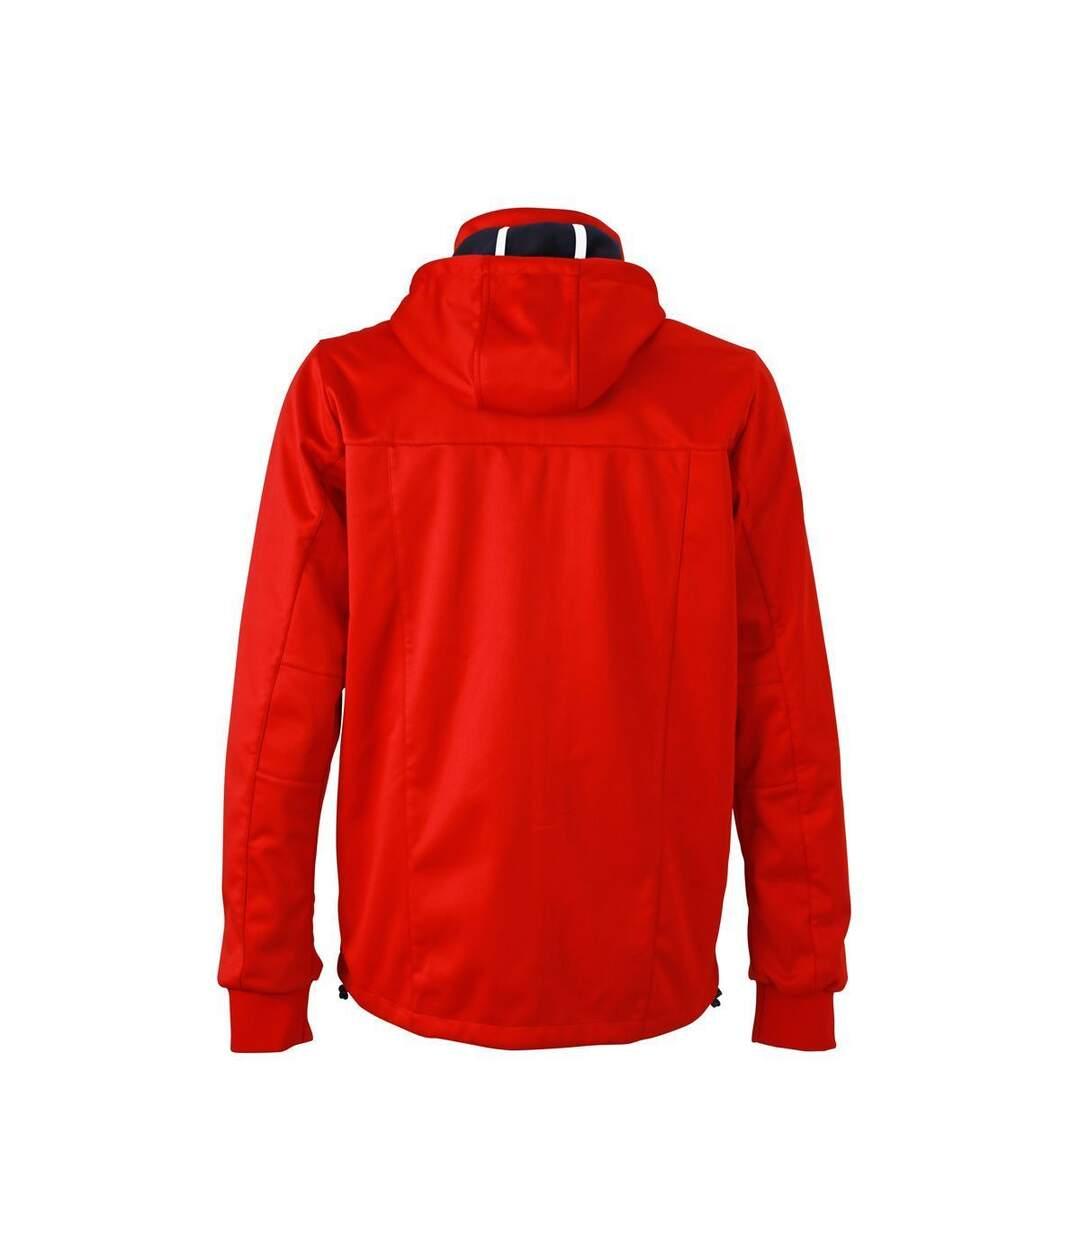 Veste softshell à capuche - homme JN1078 - rouge - coupe-vent imperméable